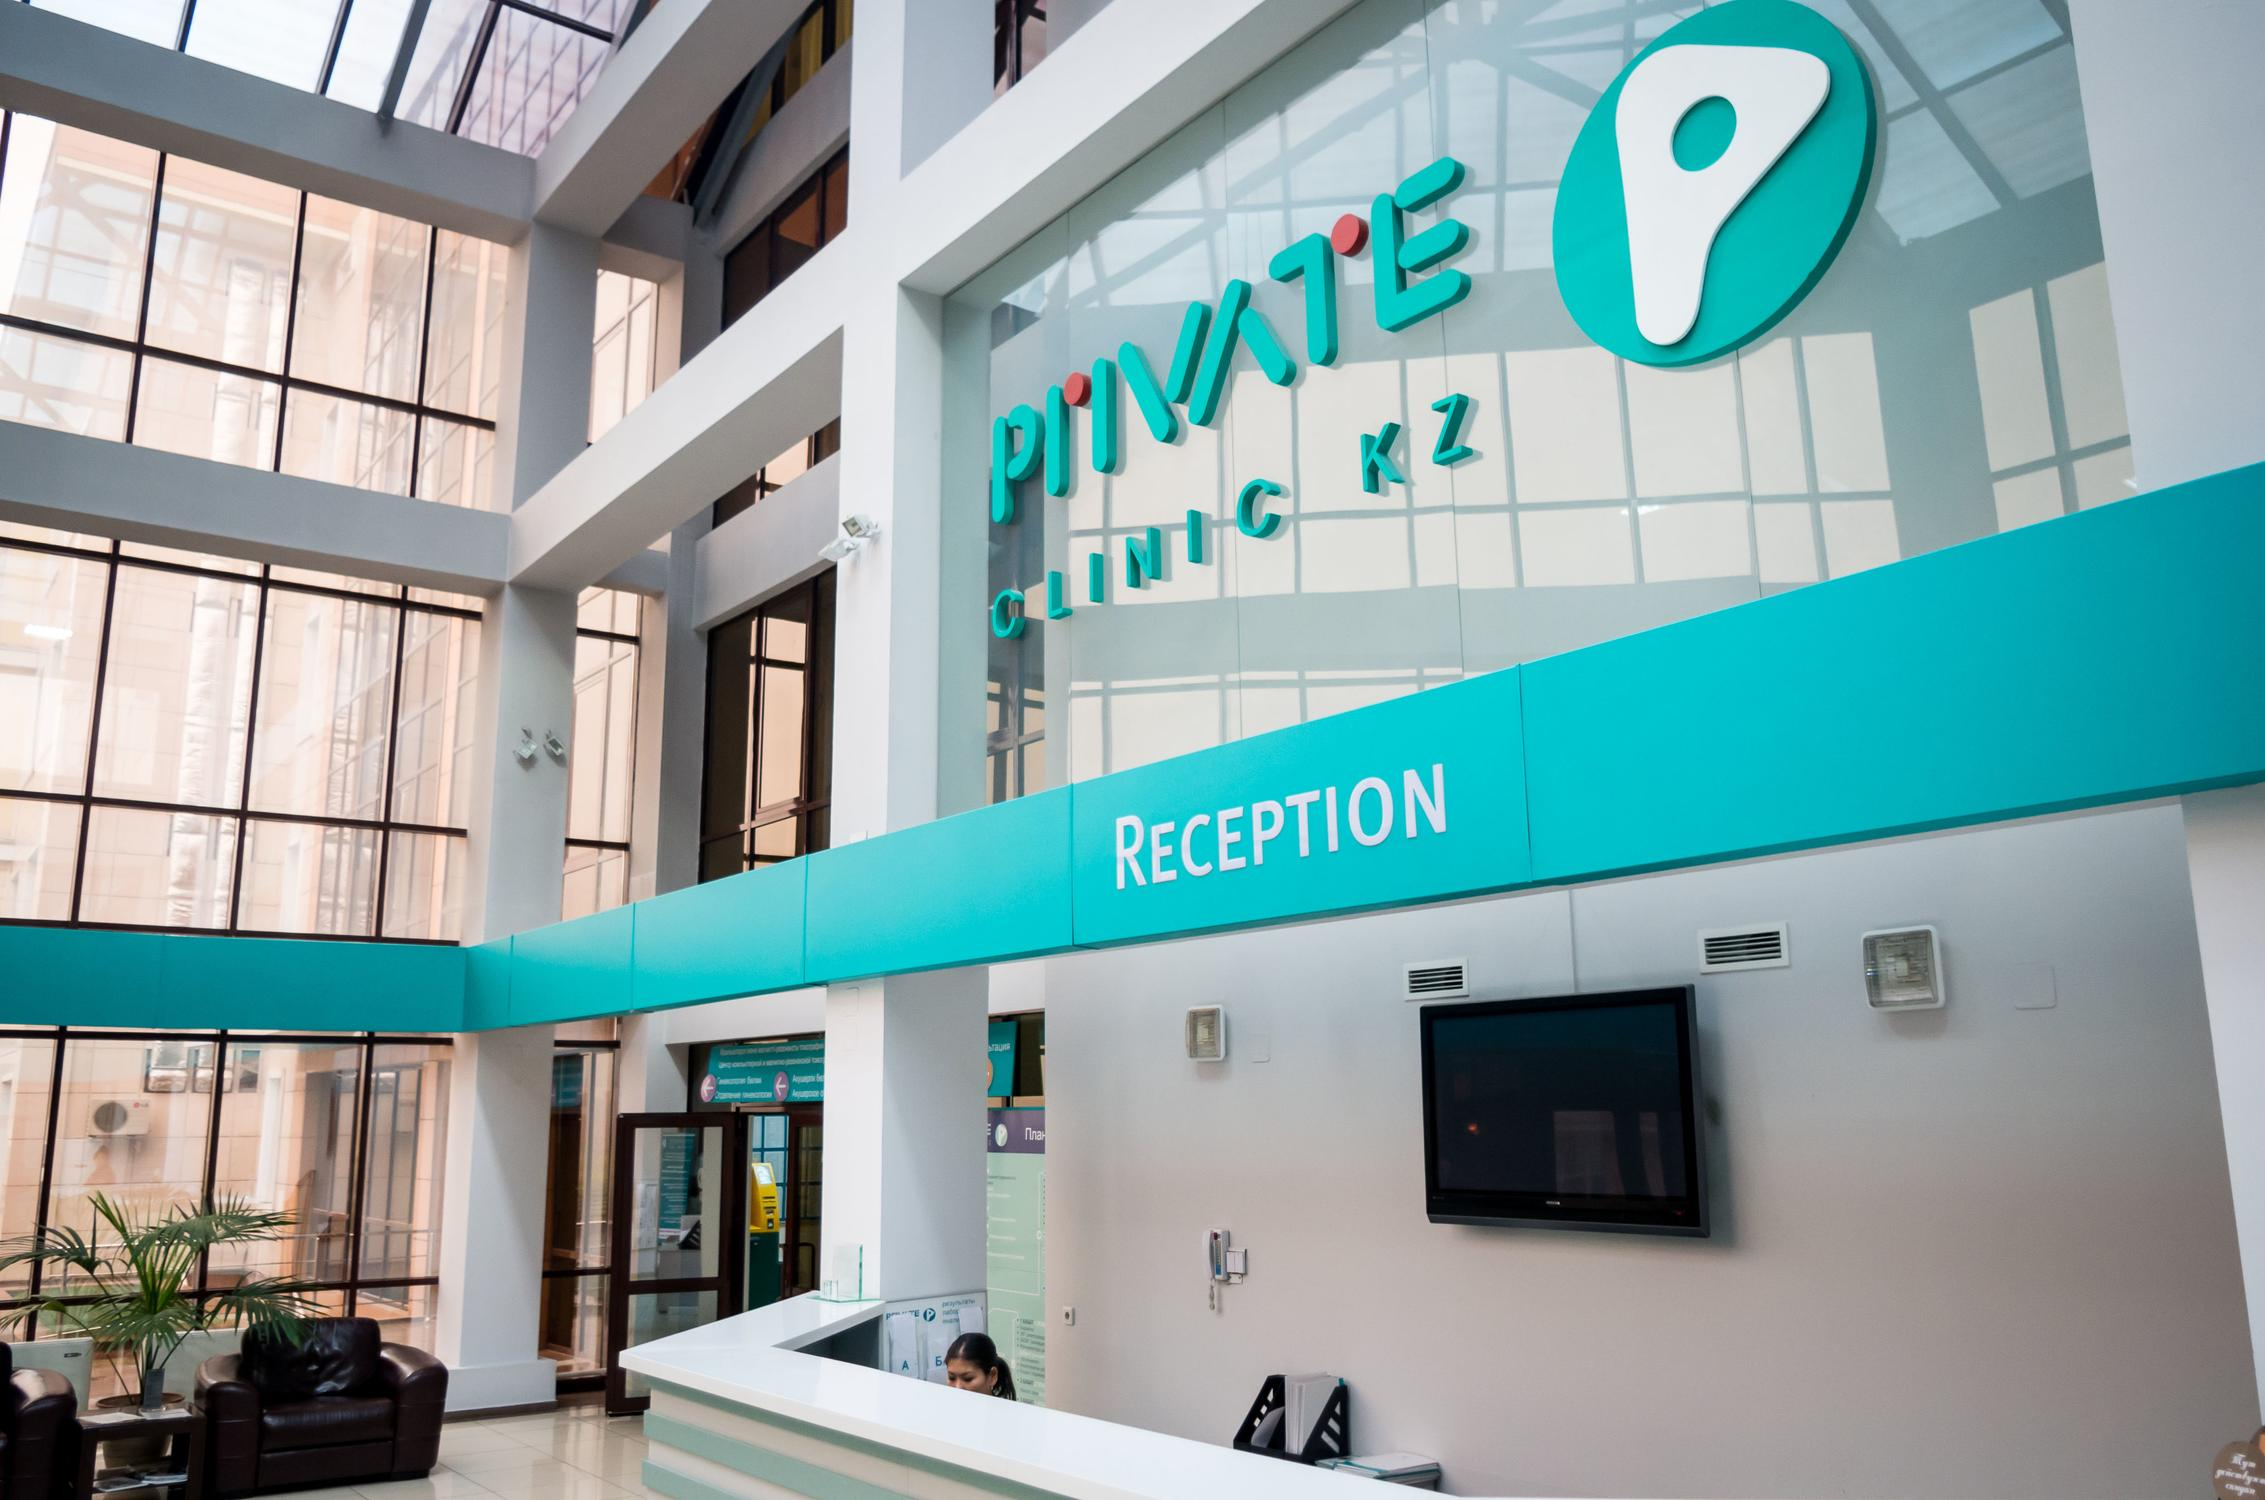 фотография Многопрофильного медицинского центра Private Clinic Almaty в микрорайоне Мирас